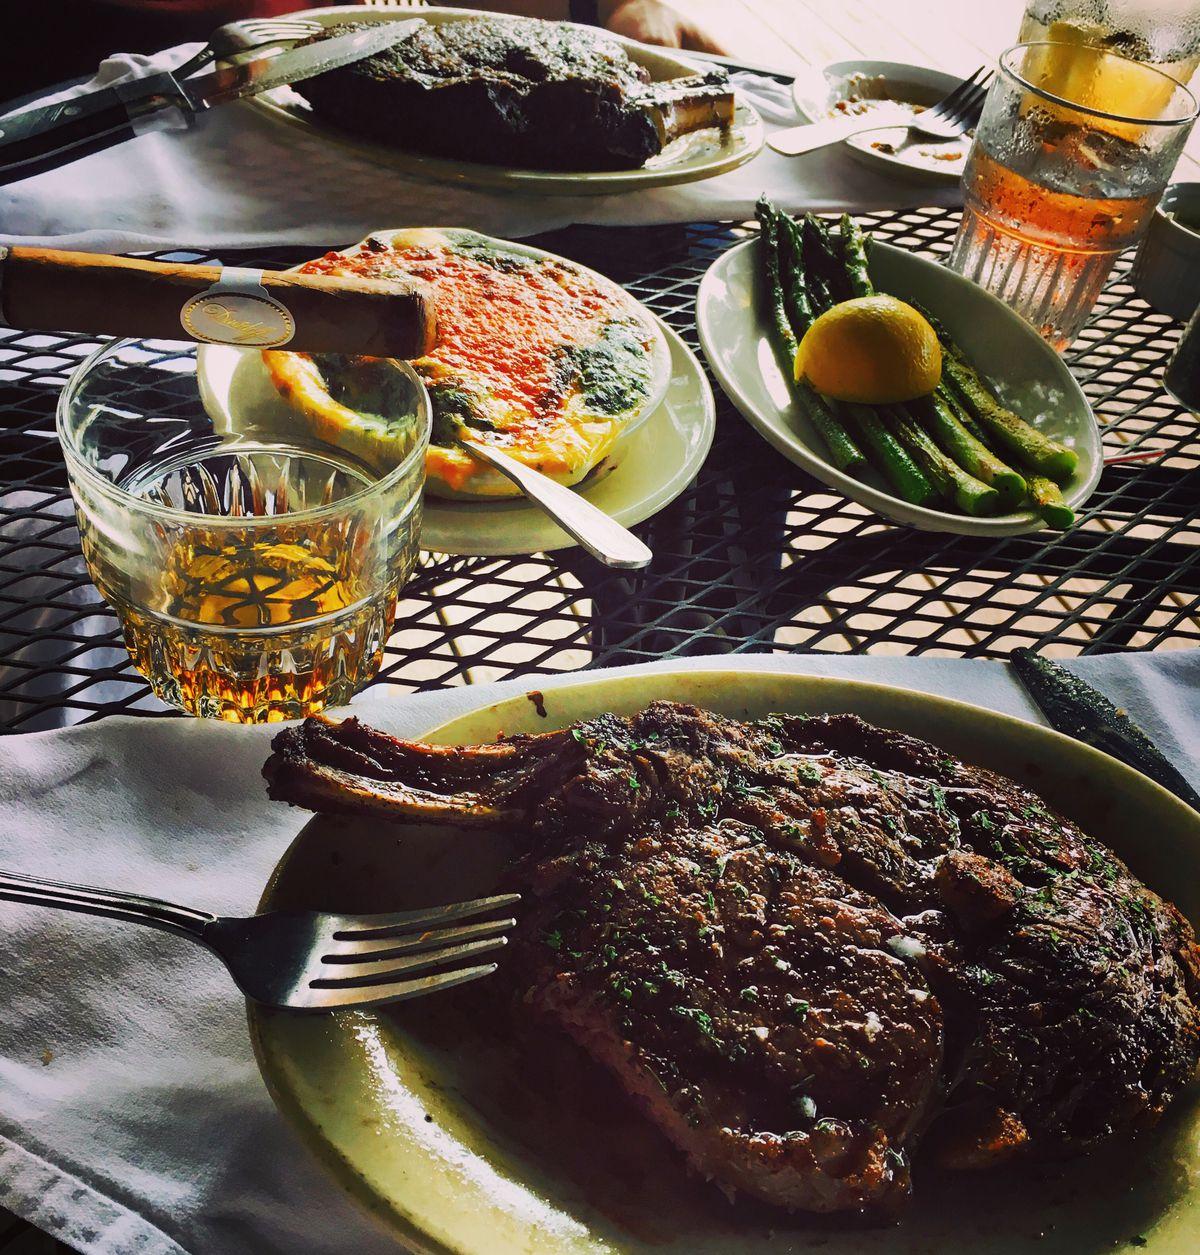 Steak and scotch